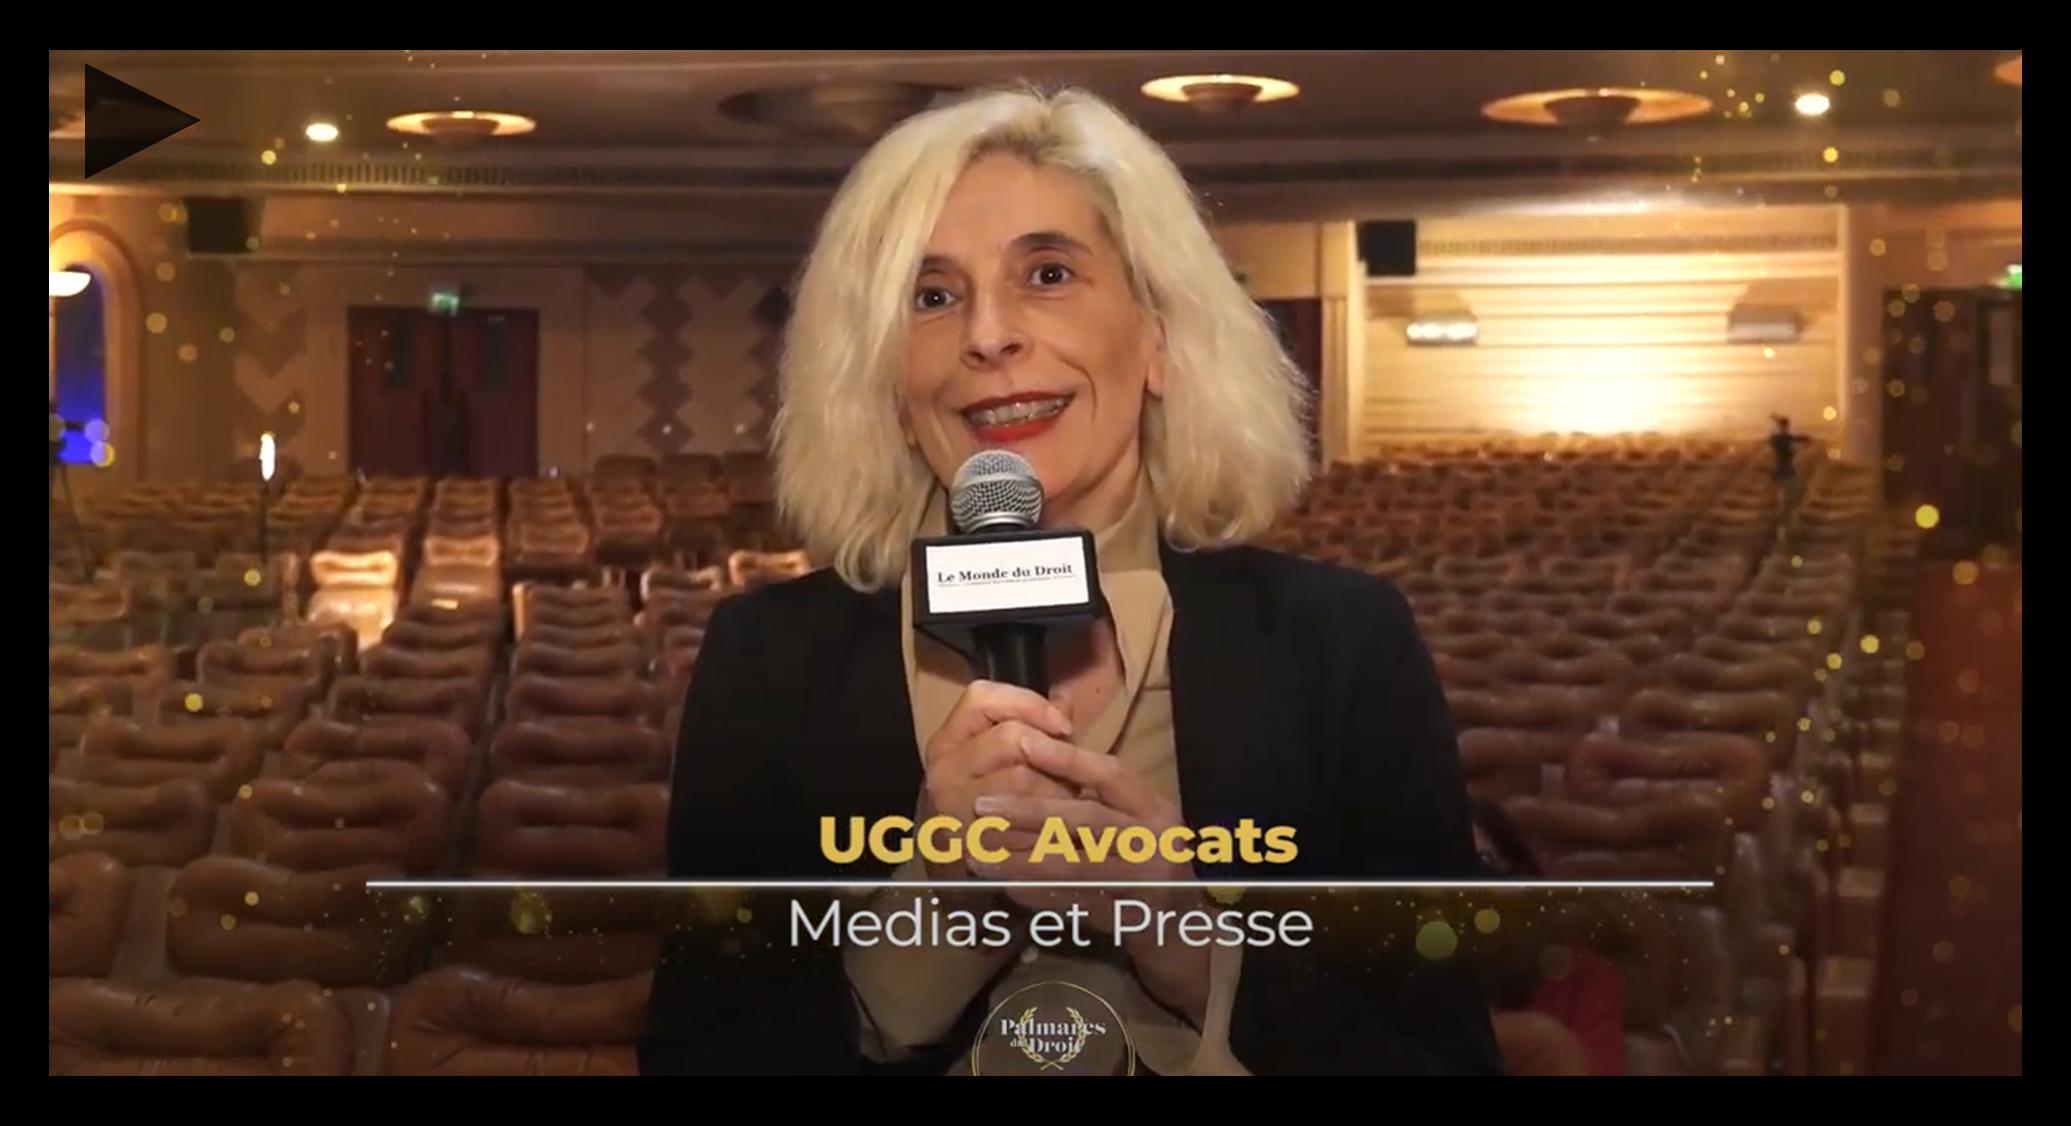 UGGC - Trophées du droit vidéo amp